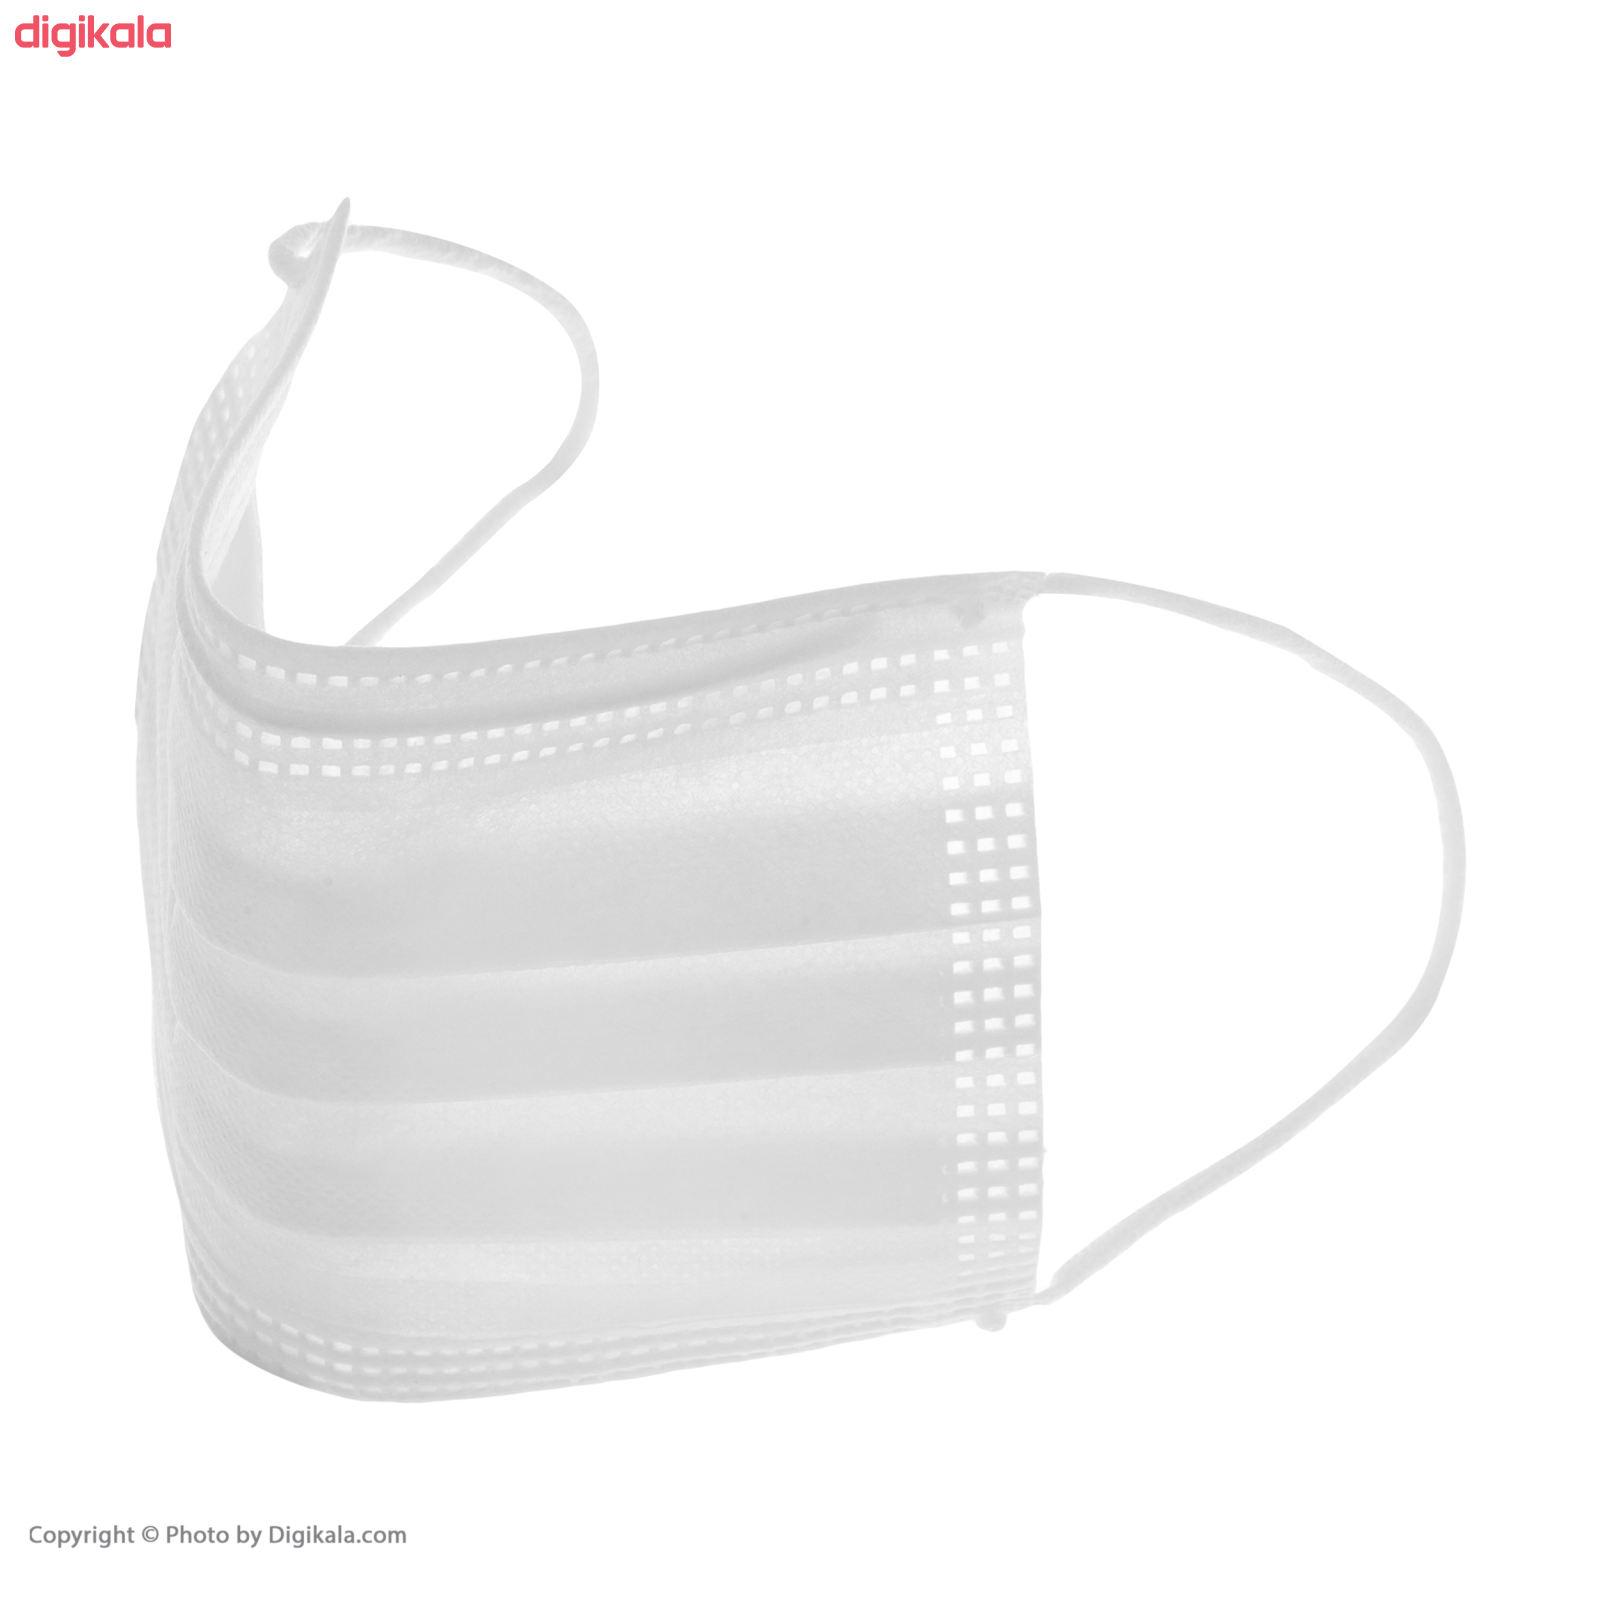 ماسک تنفسی های ماسک مدل S02 بسته 50 عددی main 1 1